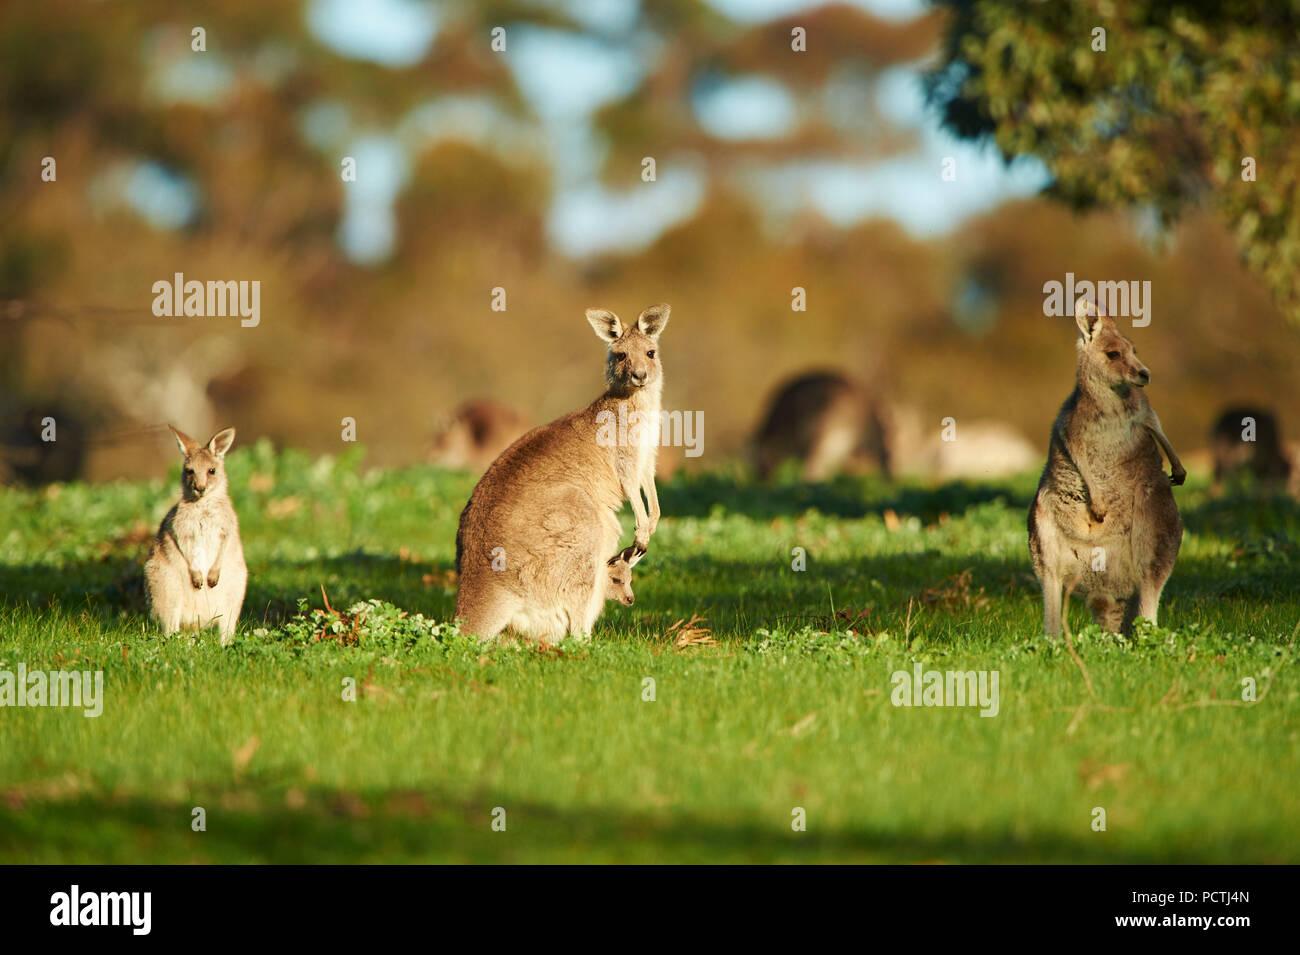 Orientale Canguro grigio (Macropus giganteus), prati, in piedi, Victoria, Australia, Oceania Immagini Stock